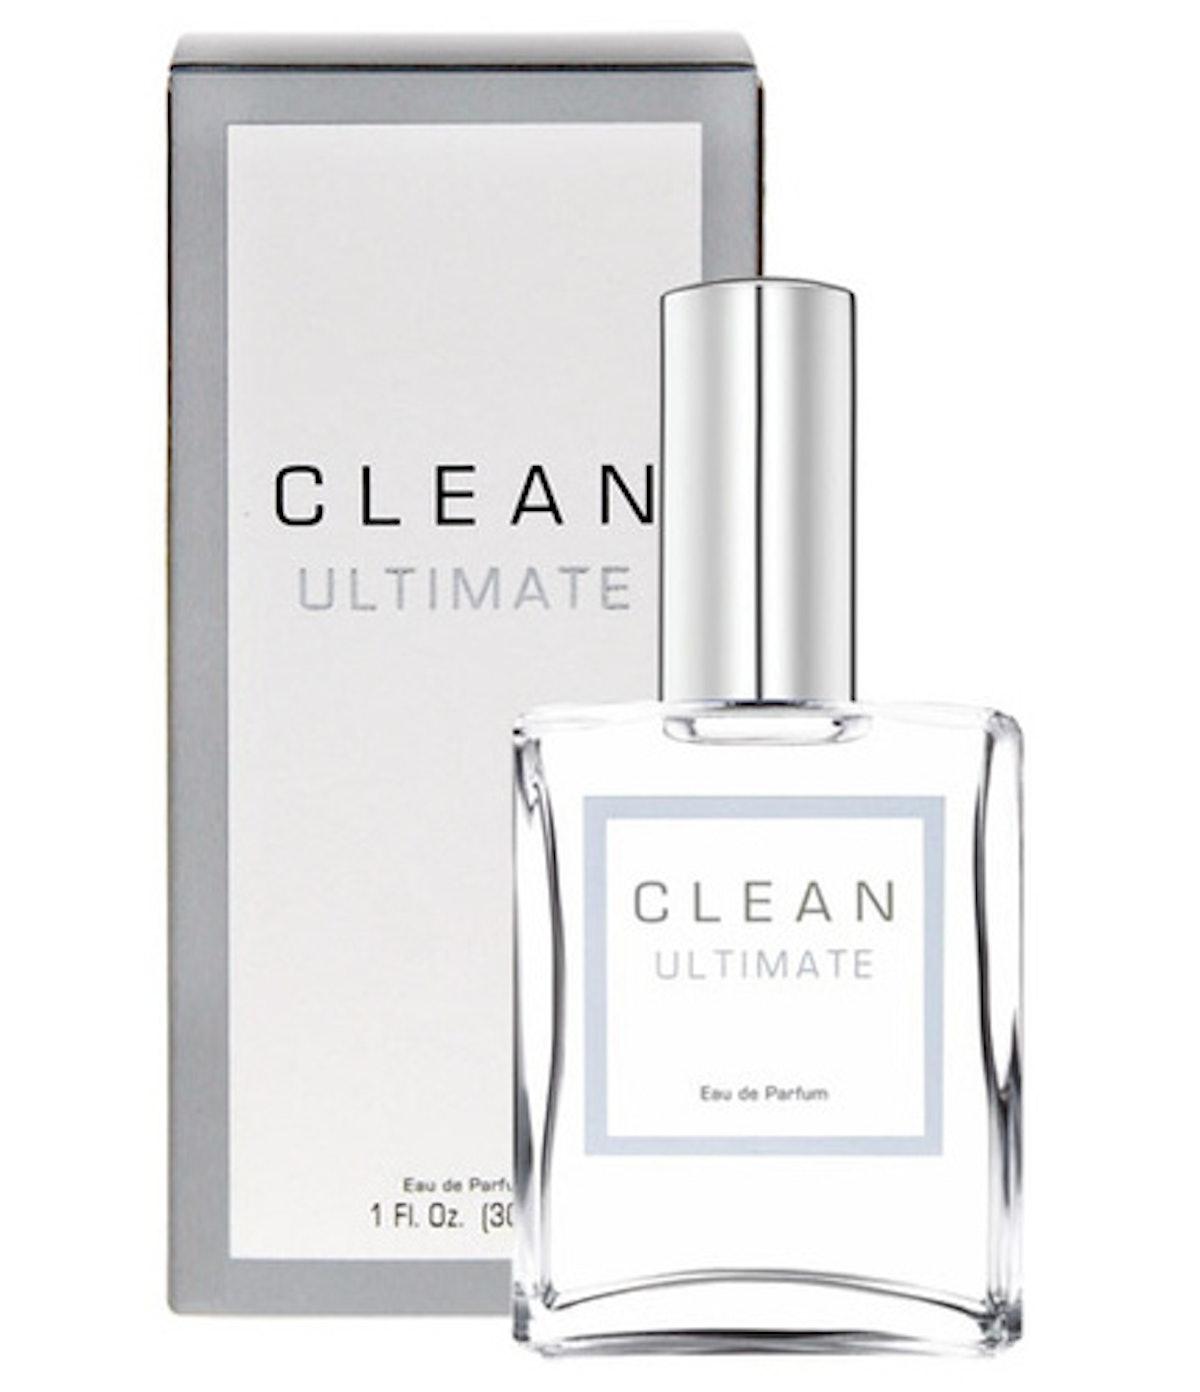 CLEAN Fragrance Ultimate Eau de Parfum